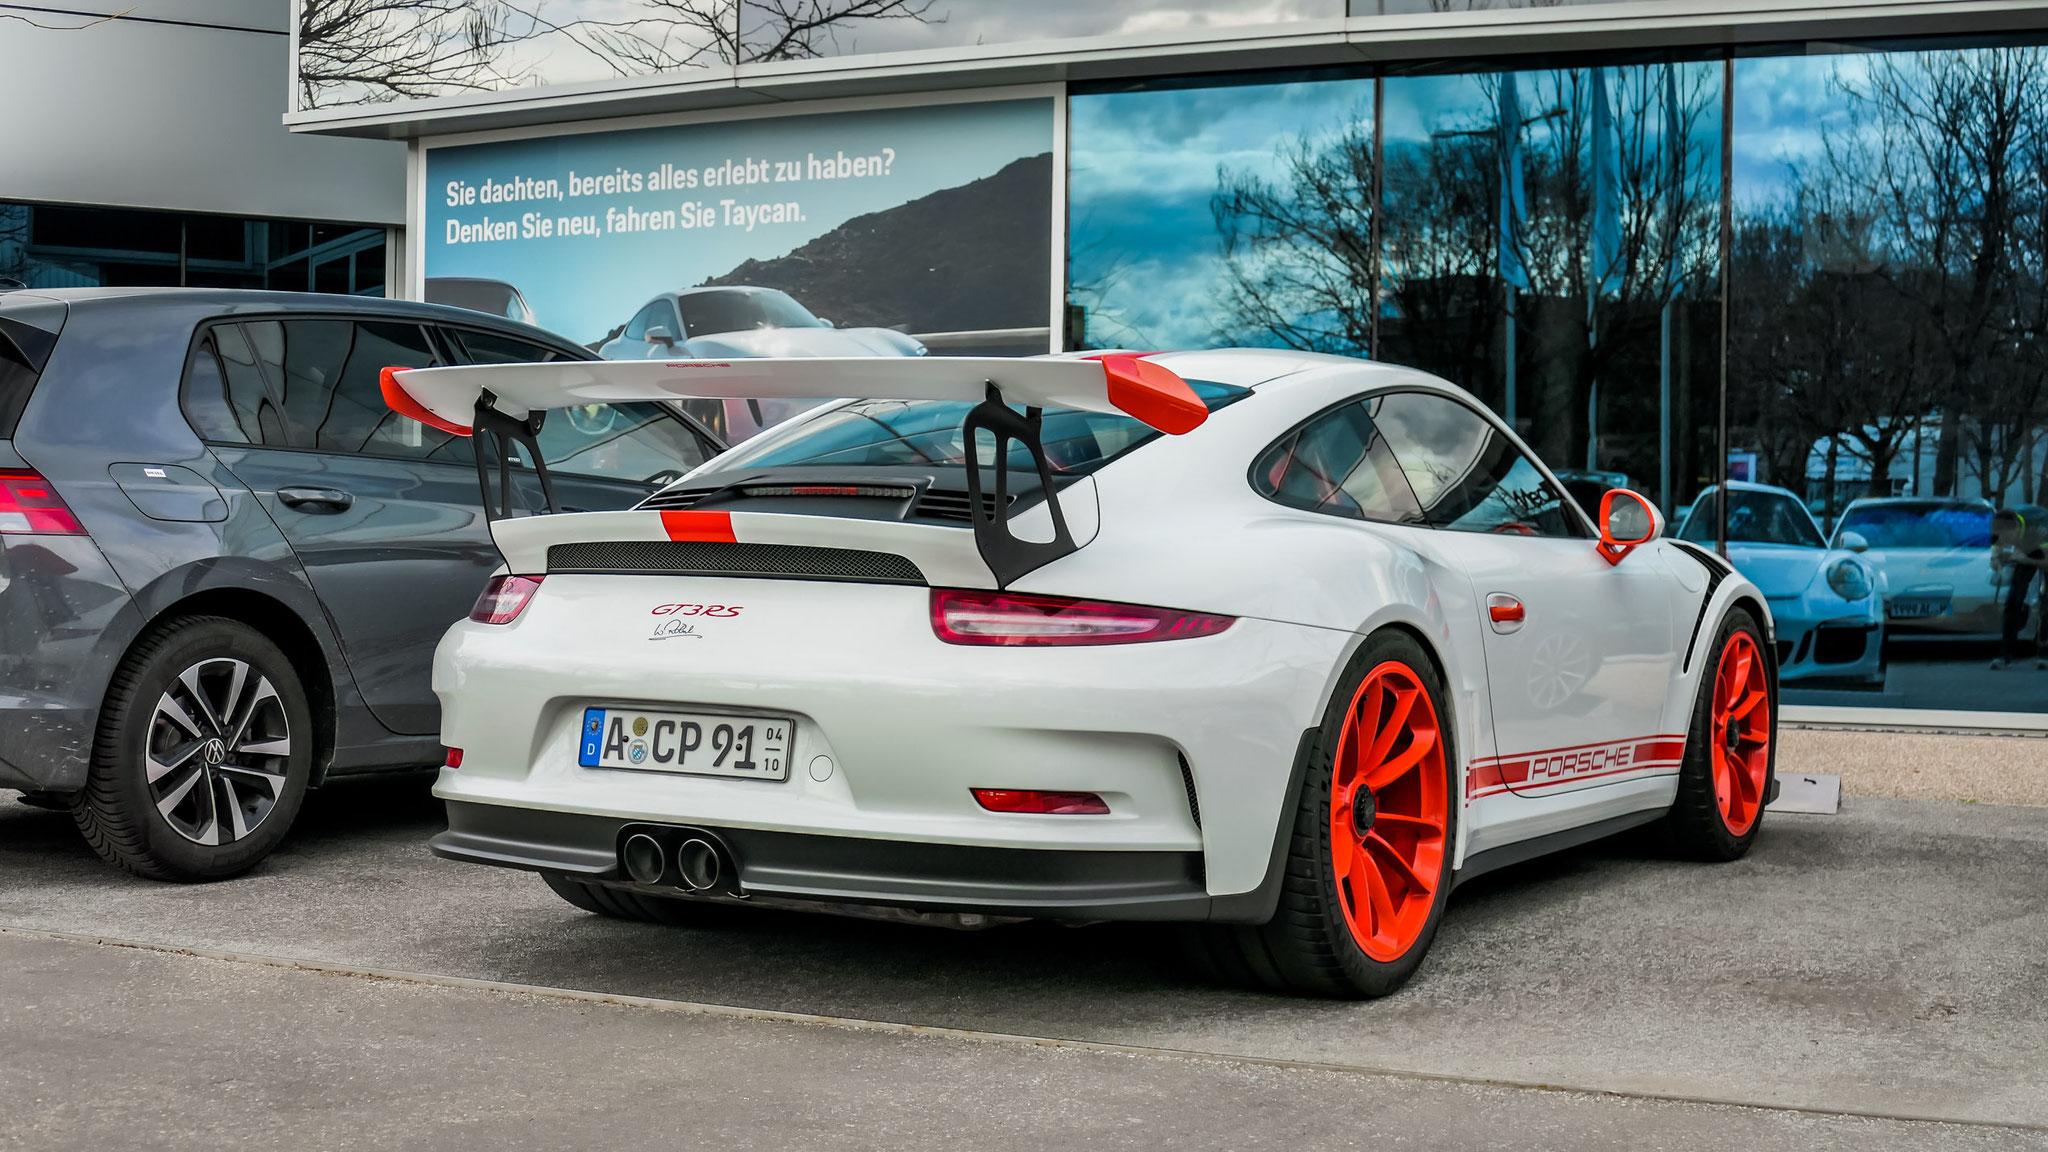 Porsche 911 GT3 RS - A-CP-91